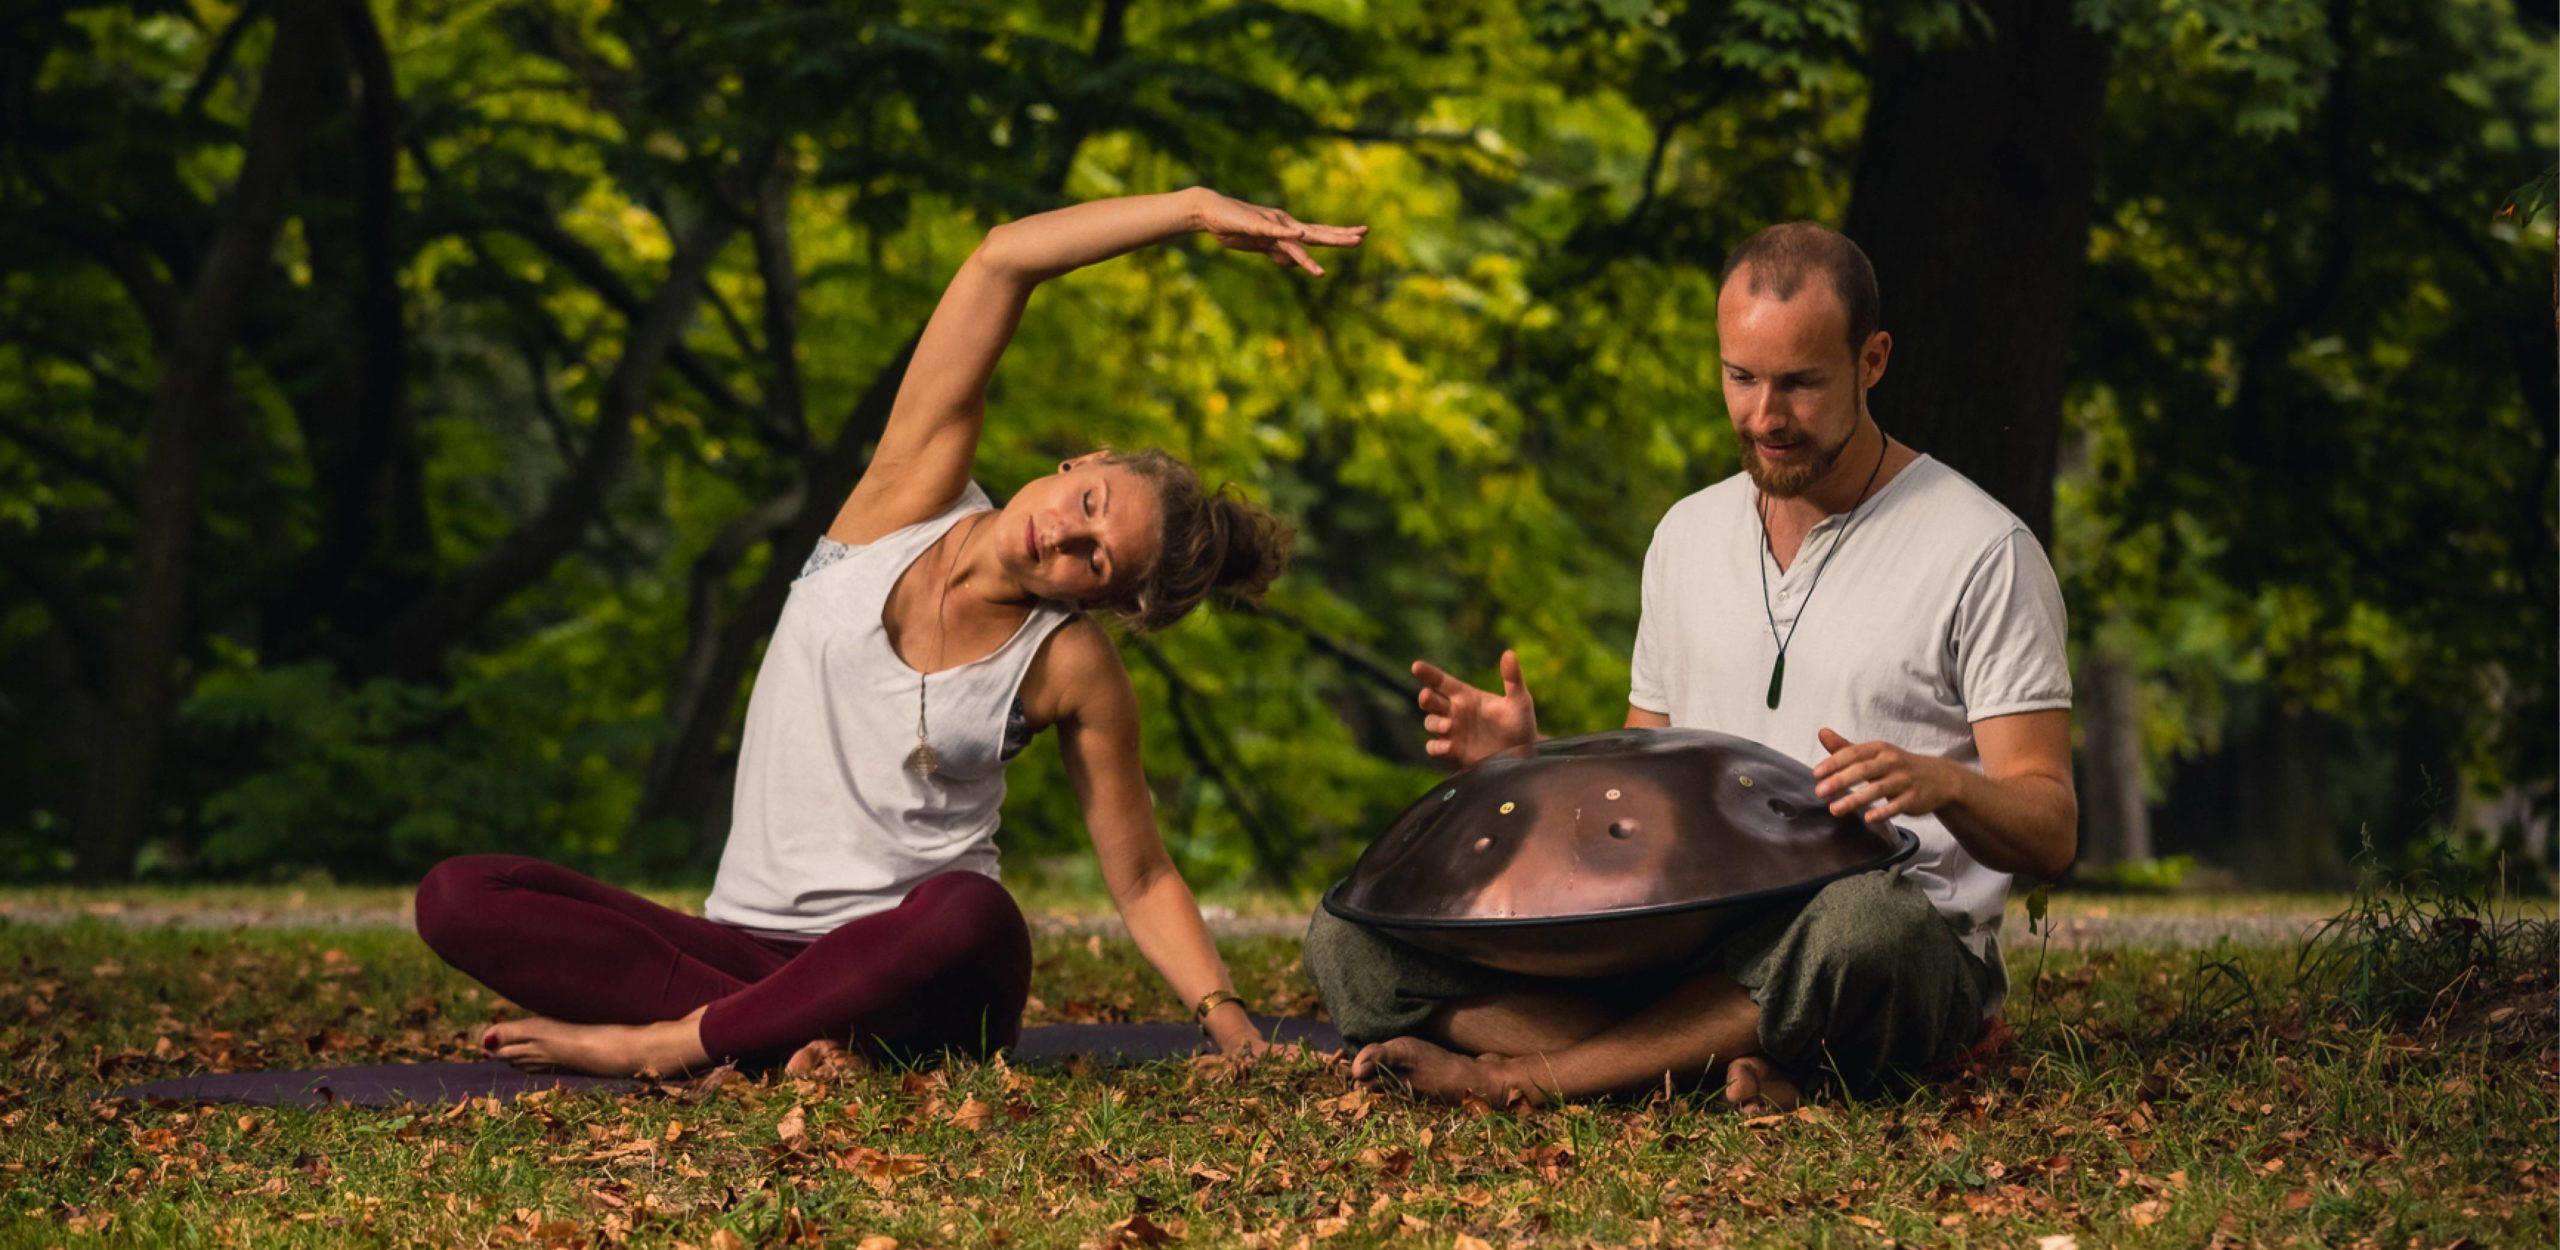 Yoga mit Anne Julia Schiewek und Handpan mit Bert Schulze